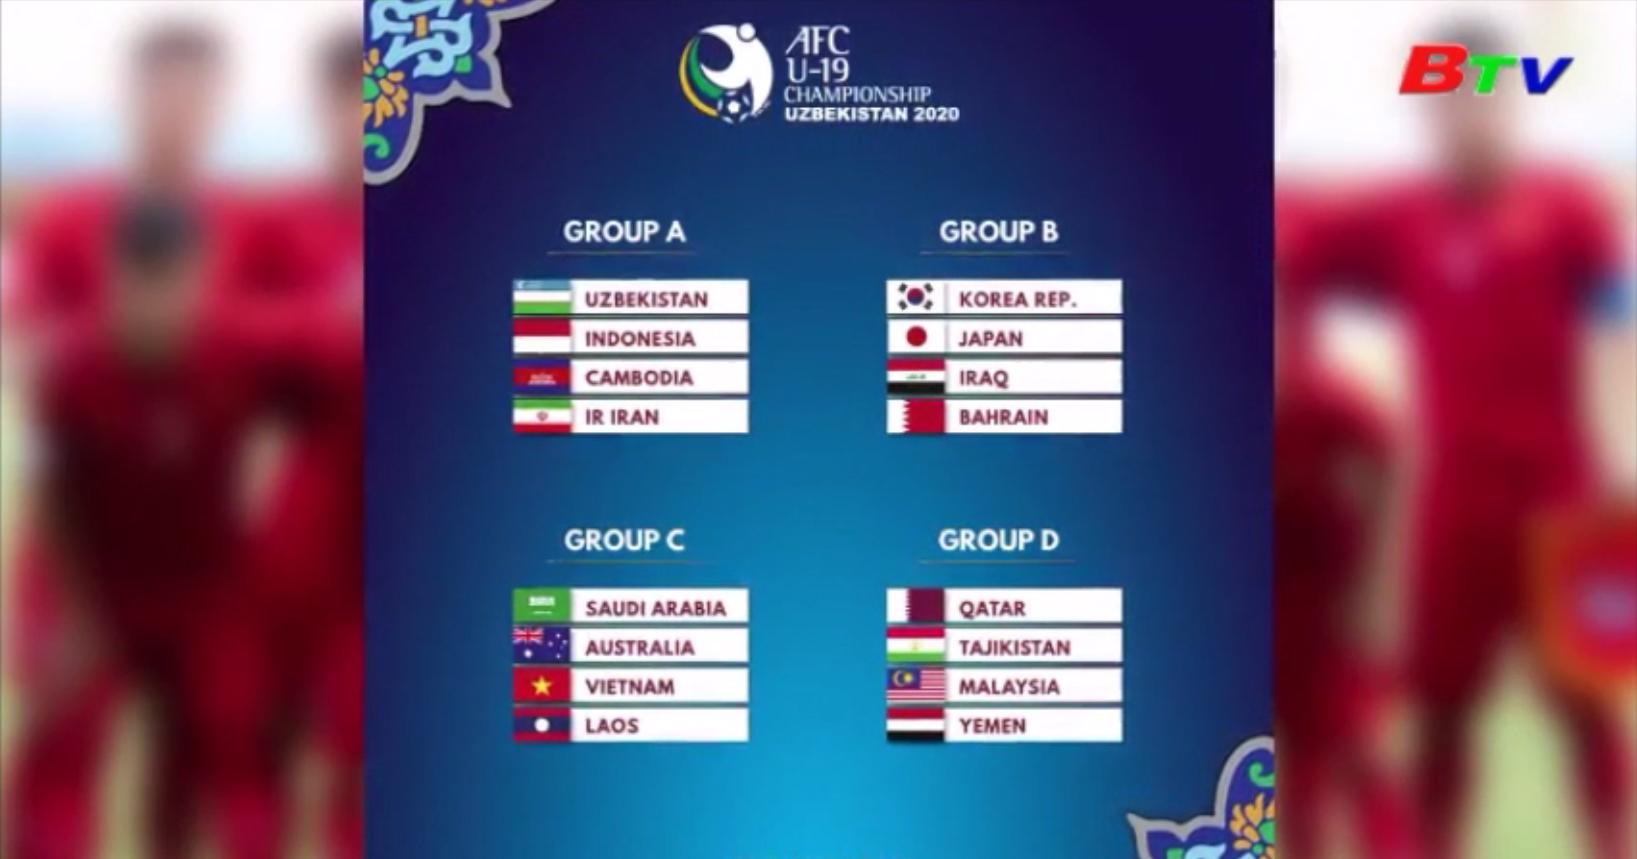 Bốc thăm vòng bảng VCK U19 châu Á 2020